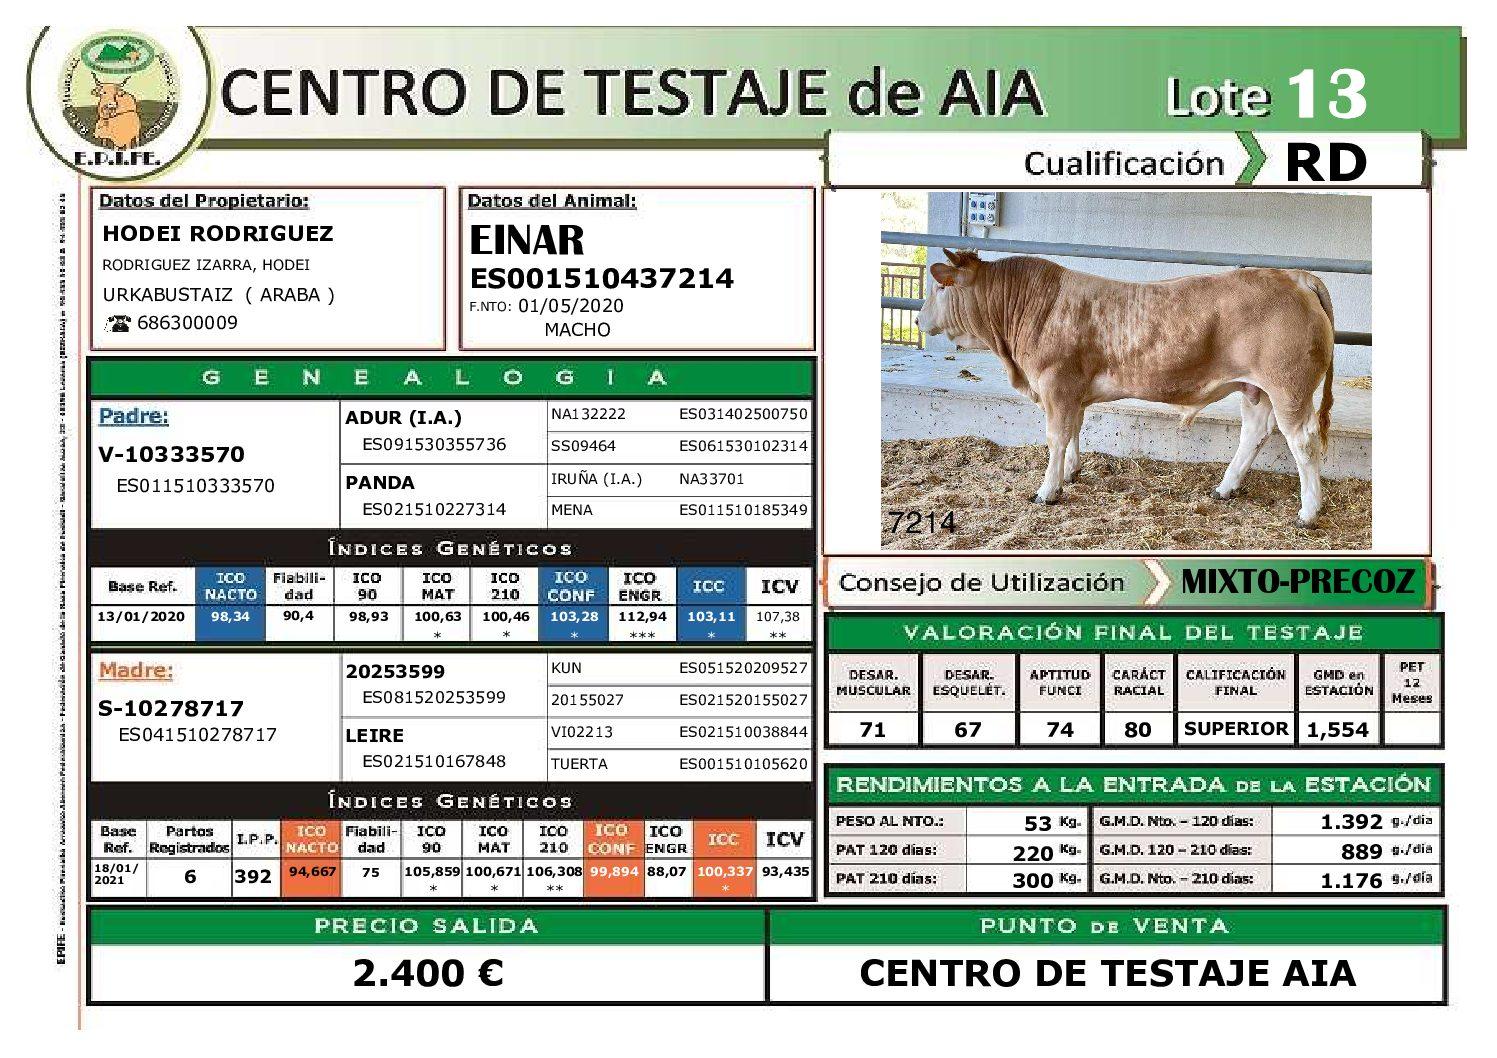 EINAR (Pirenaica Reproductor Cárnico). Criador: Hodei Rodriguez